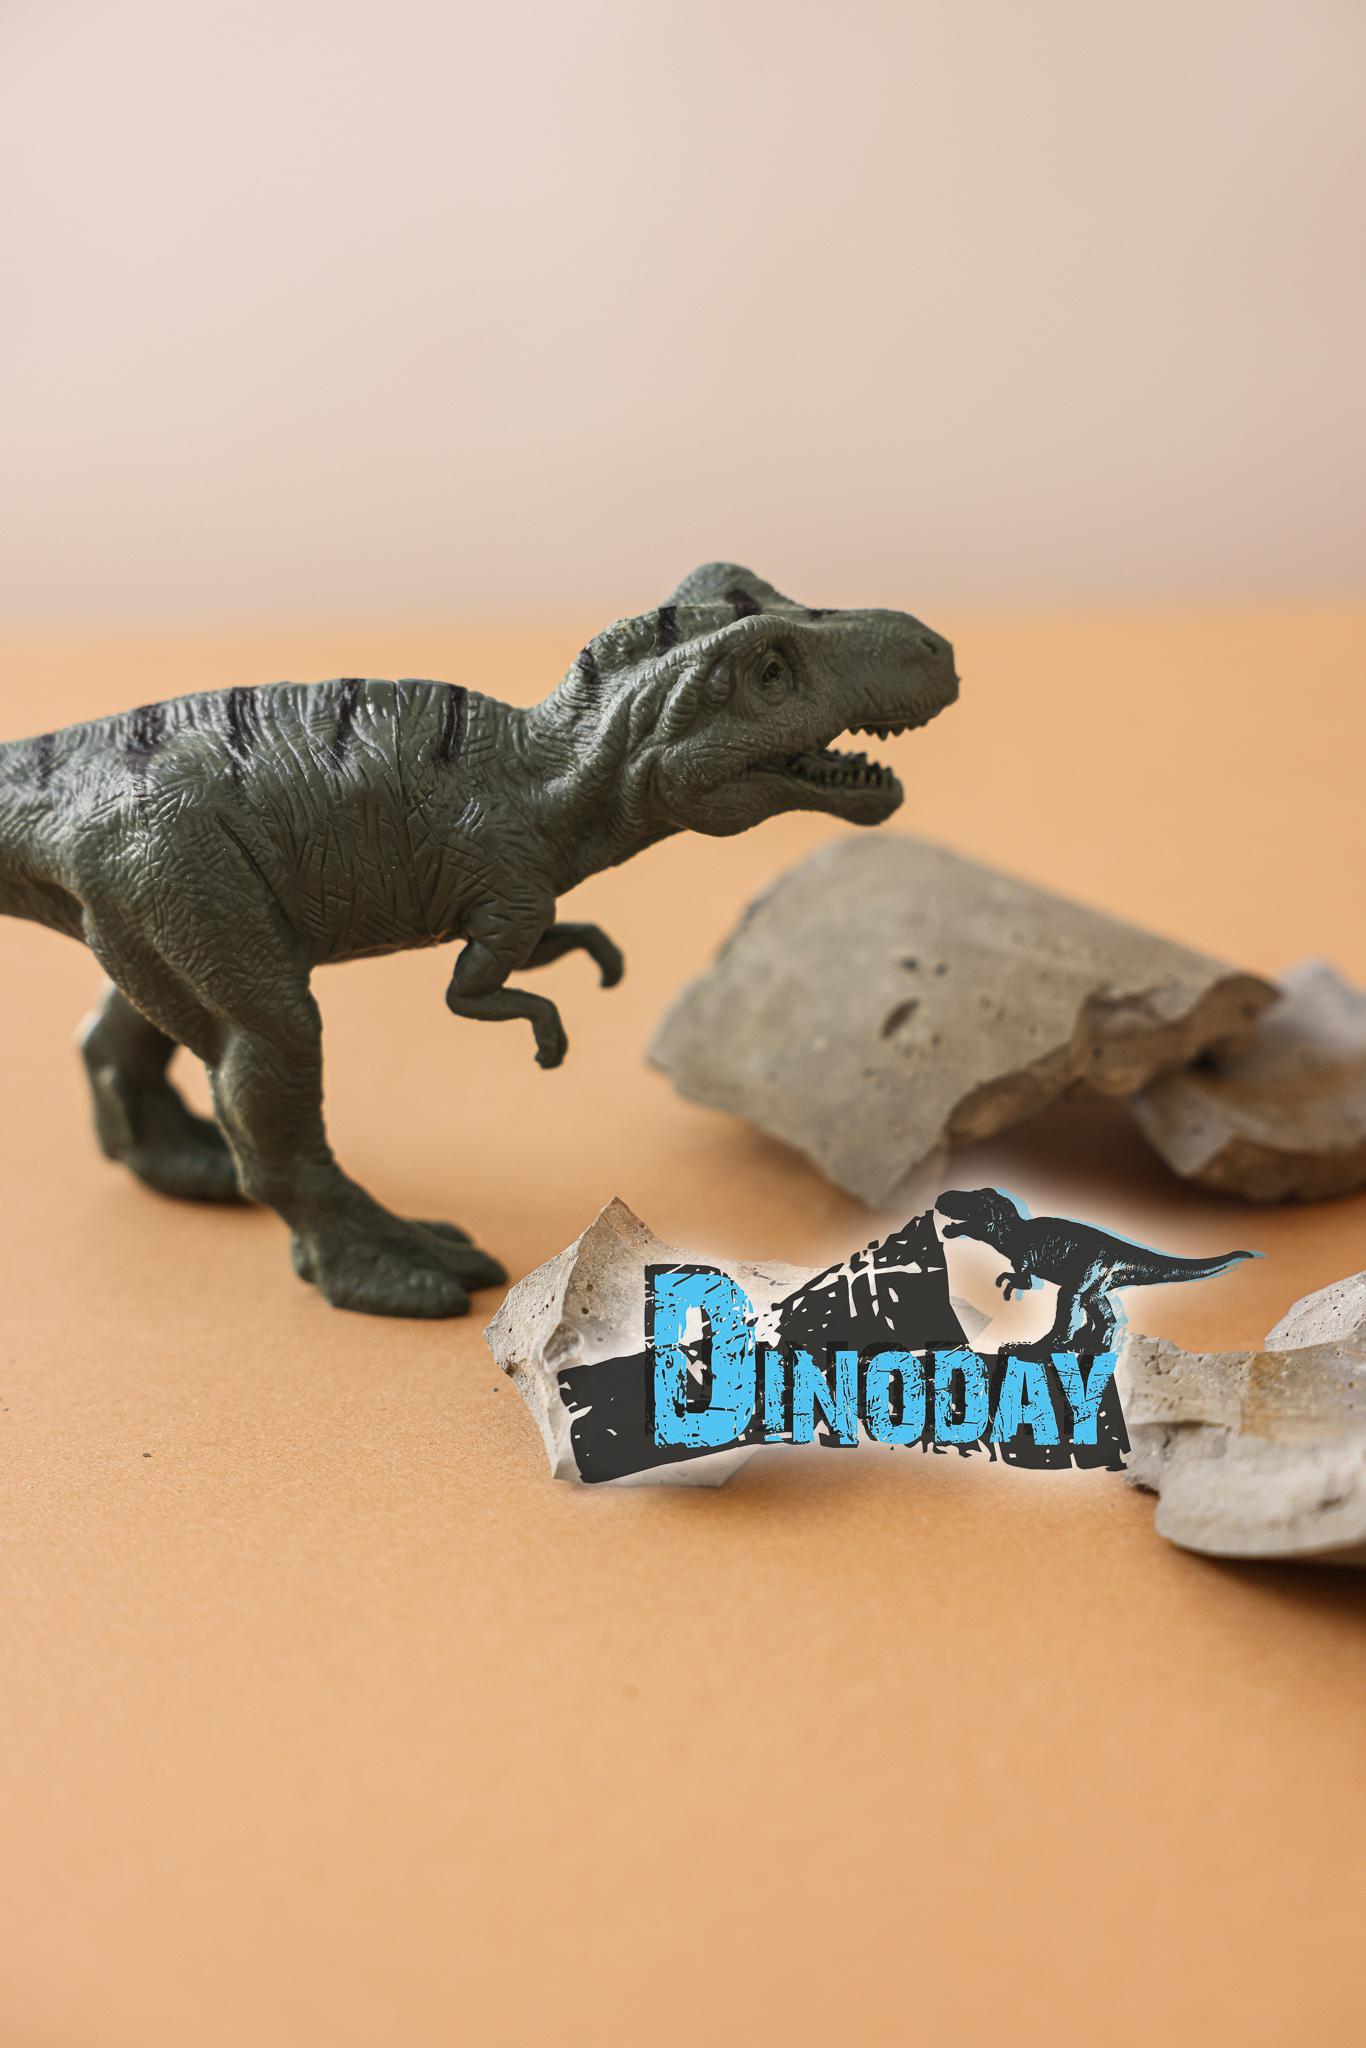 Schule & Kita: Dinoday – Dein Tag in der Kreidezeit